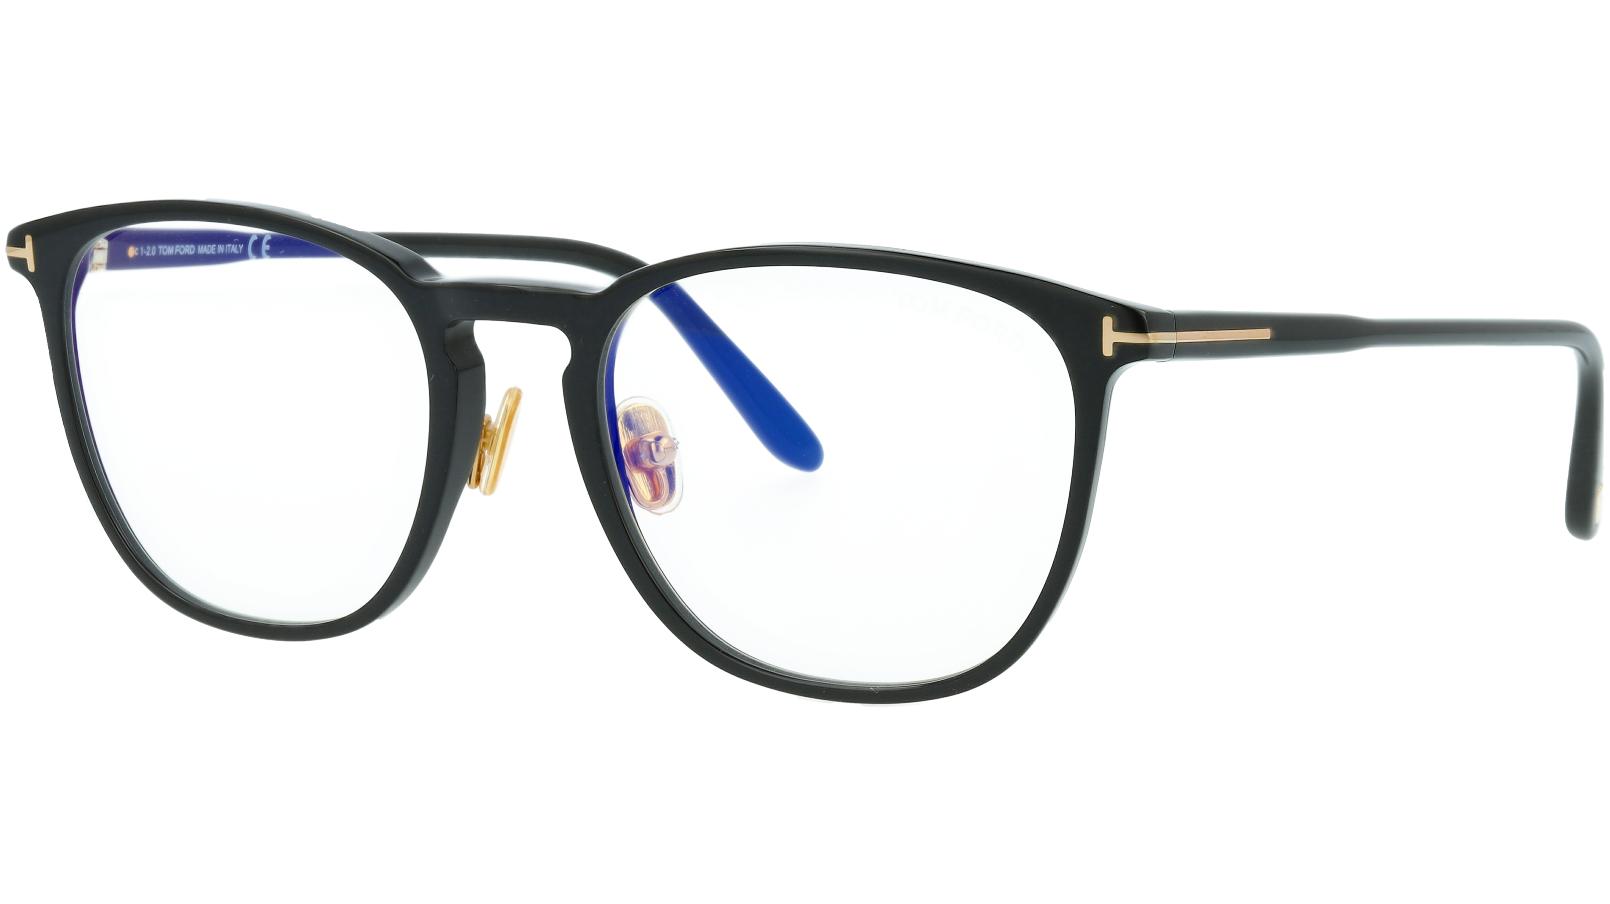 TOM FORD FT5700-B 001 54 SHINY Glasses